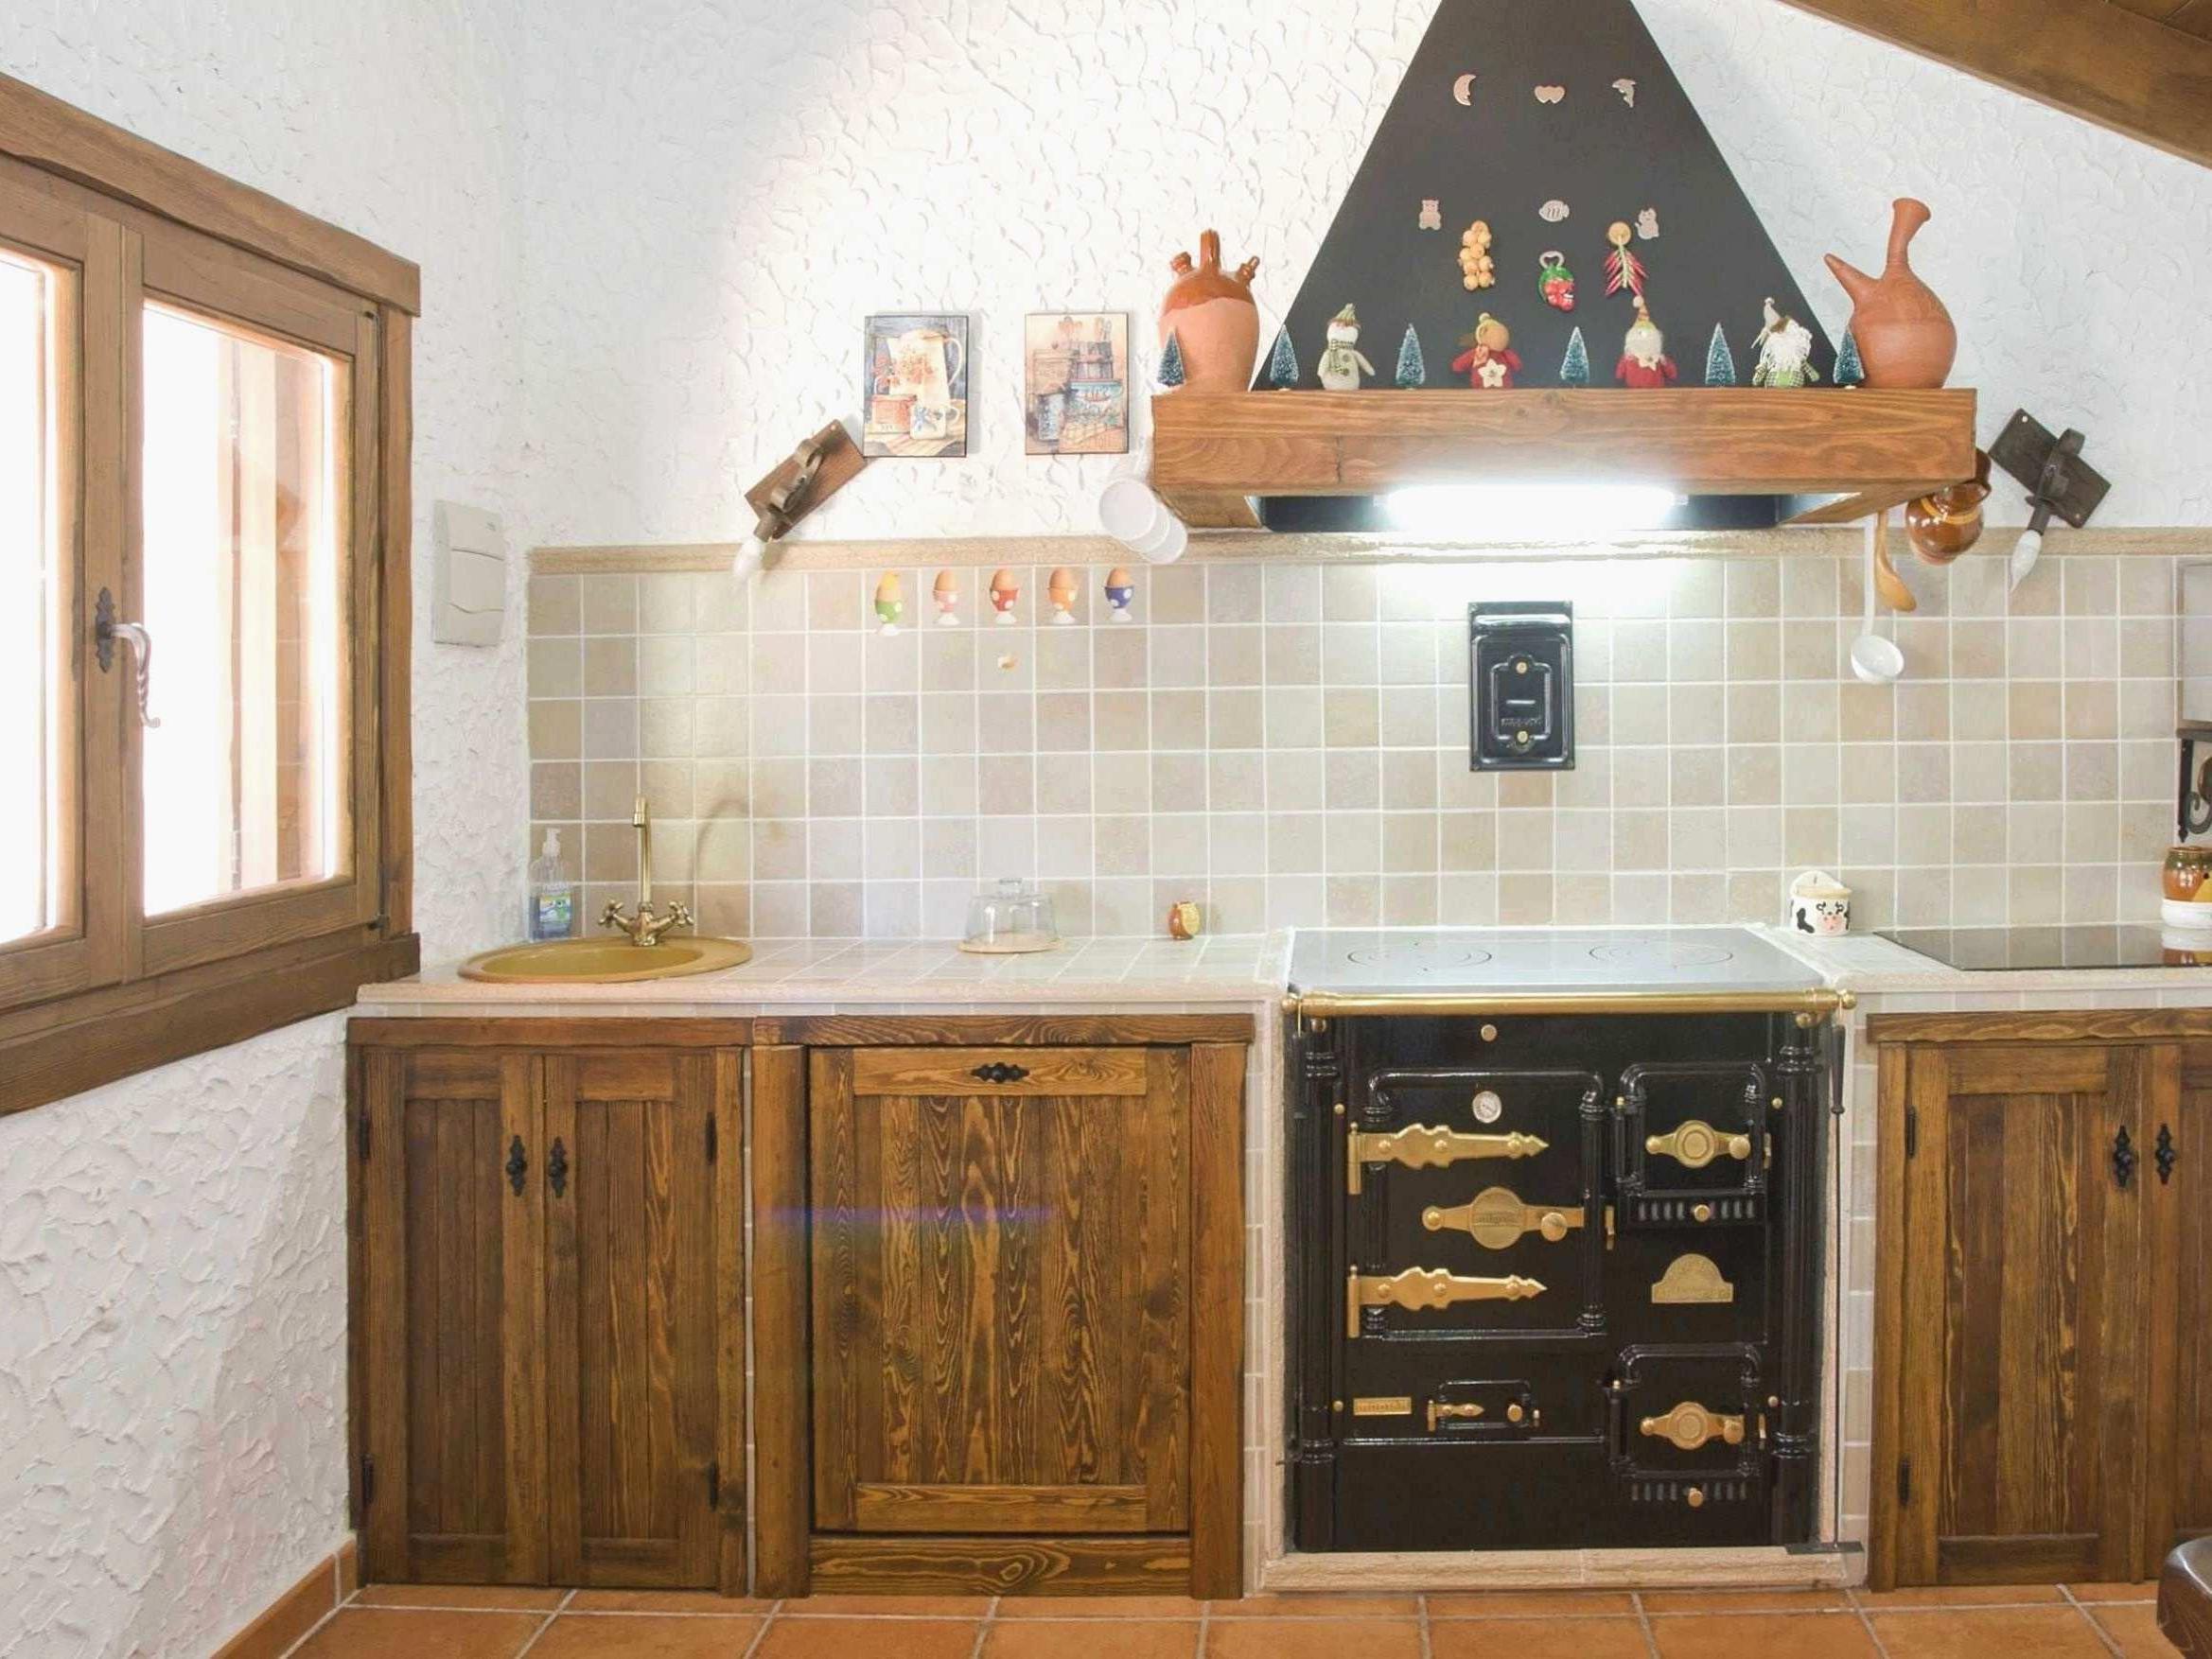 Muebles De Cocina Rusticos Baratos Whdr Terrazas De Estilo Rustico Muebles De Cocina Rusticos